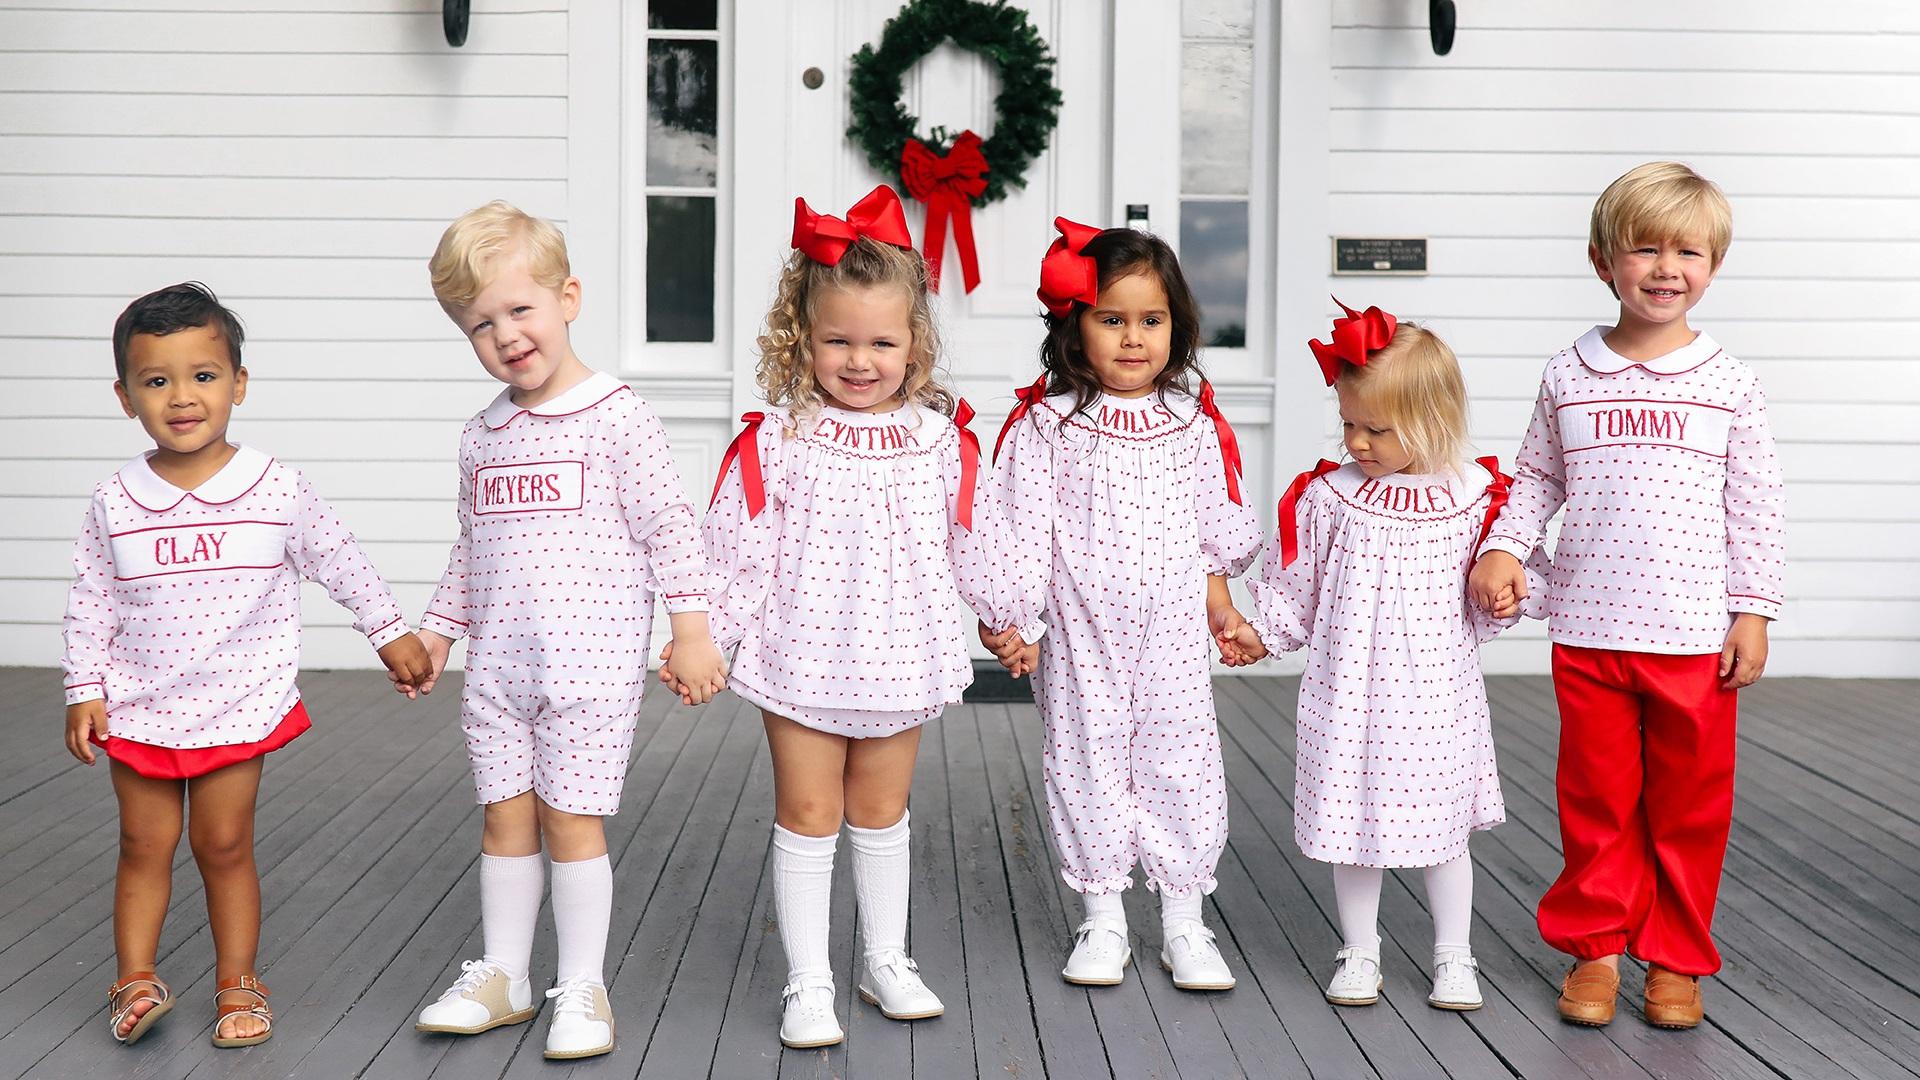 The Christmas Custom Collection